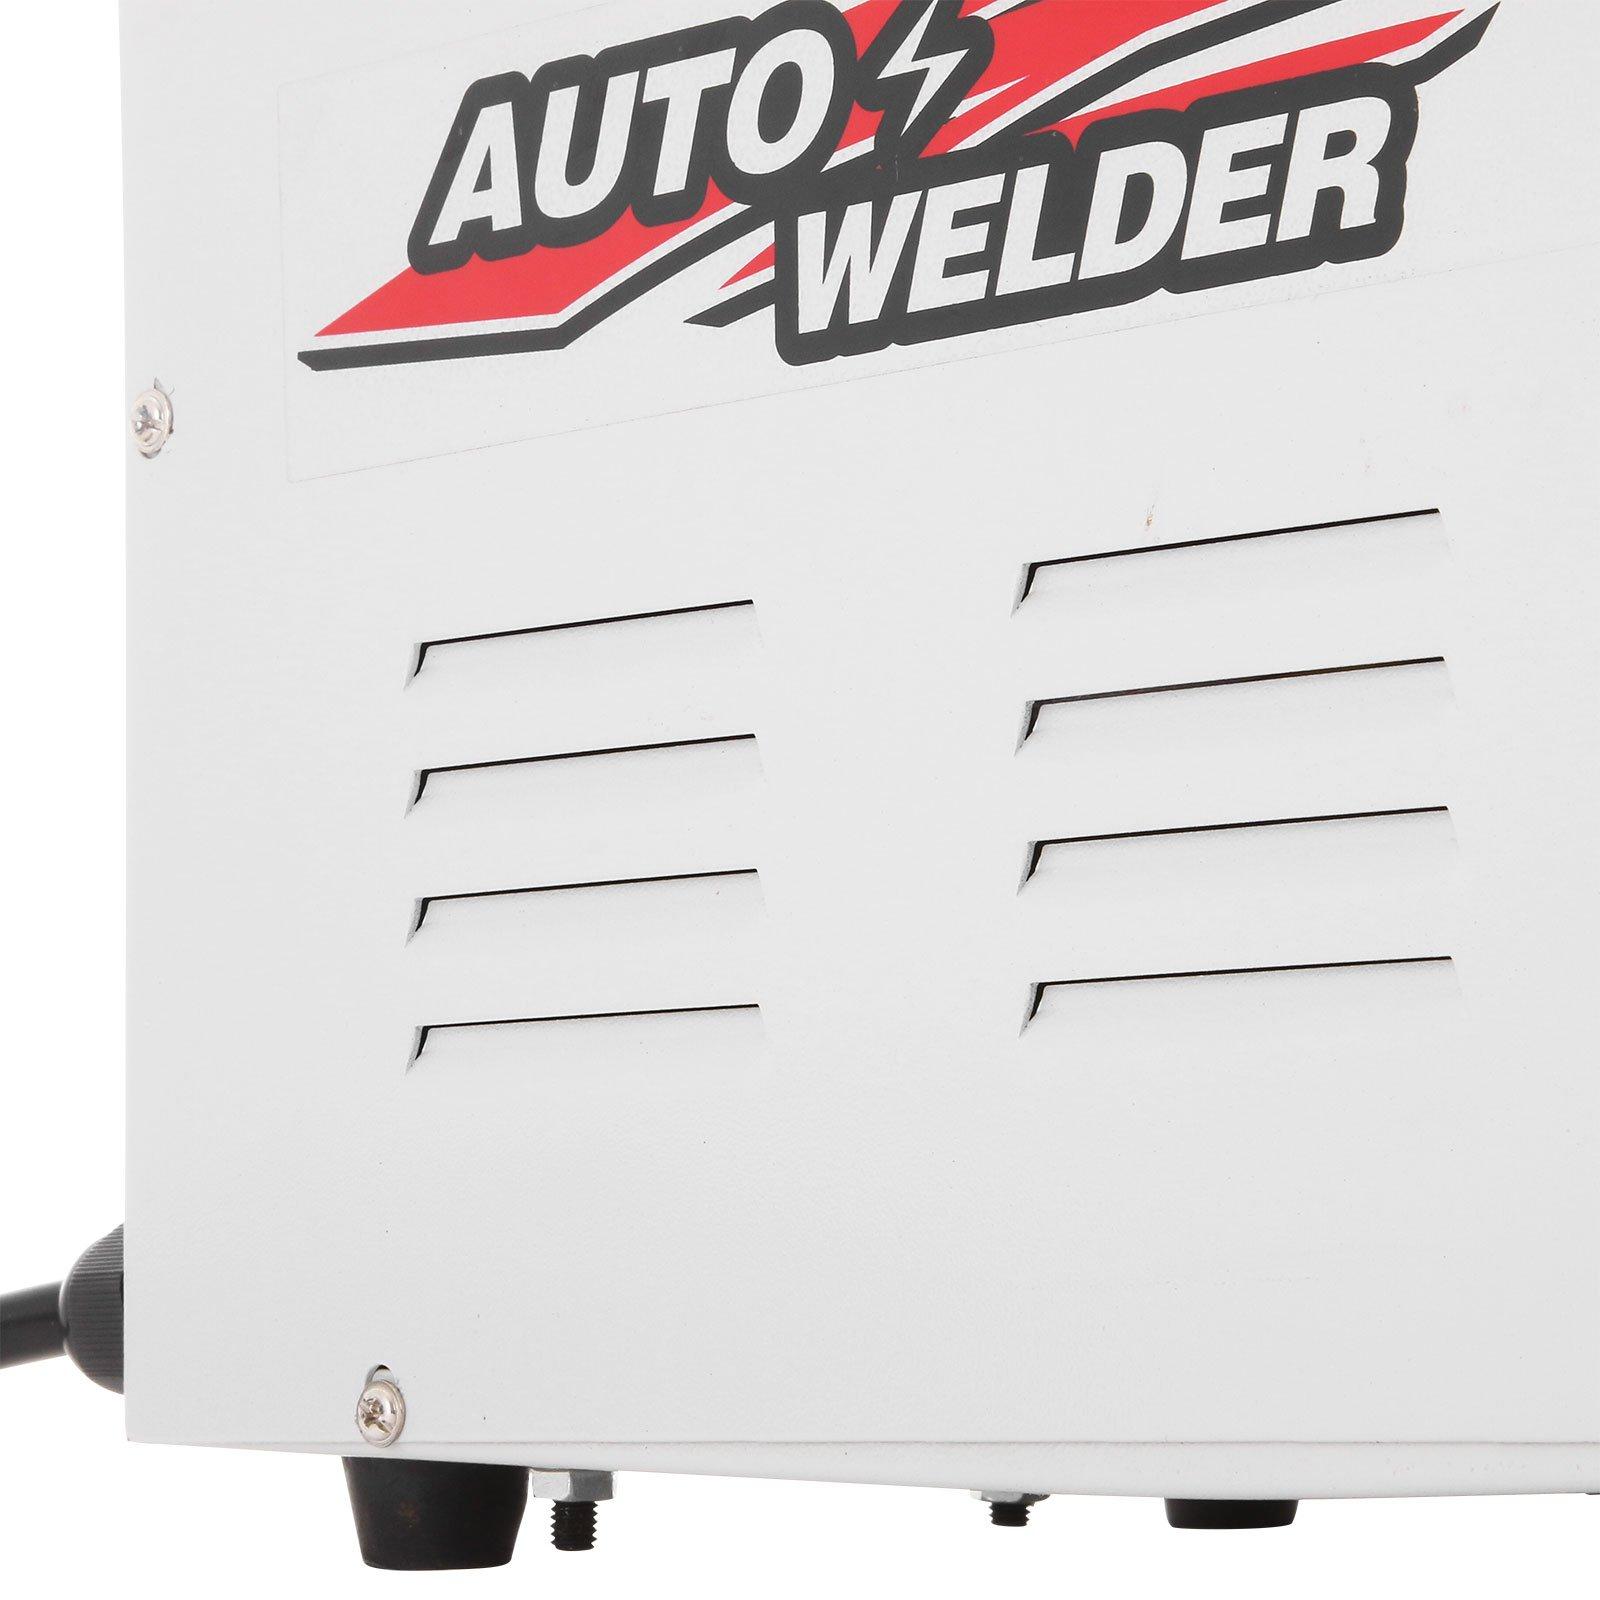 Bestauto Dent Puller 12KW Spot Welder 2600A Car Dent Repair for Vehicle Panel Spot Puller Dent Bonnet Door Repair by Bestauto (Image #8)